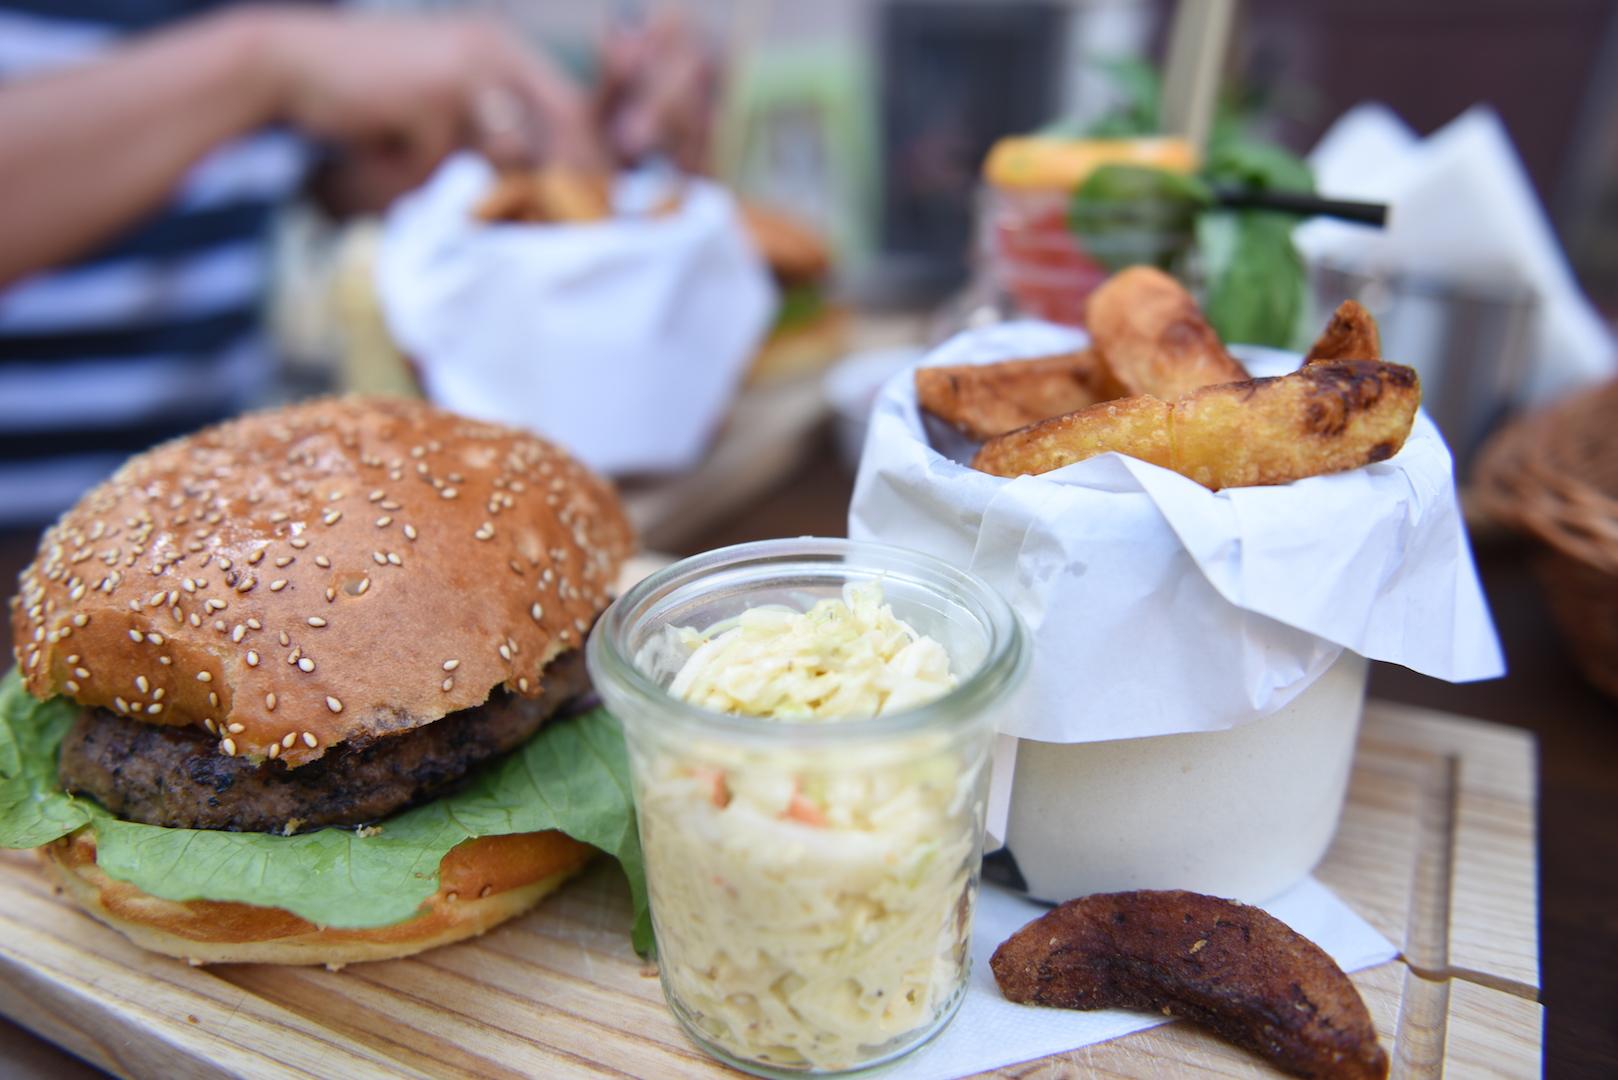 W Lublinie najlepsze burgery serwują w Stół i Wół. Potwierdzone info :)